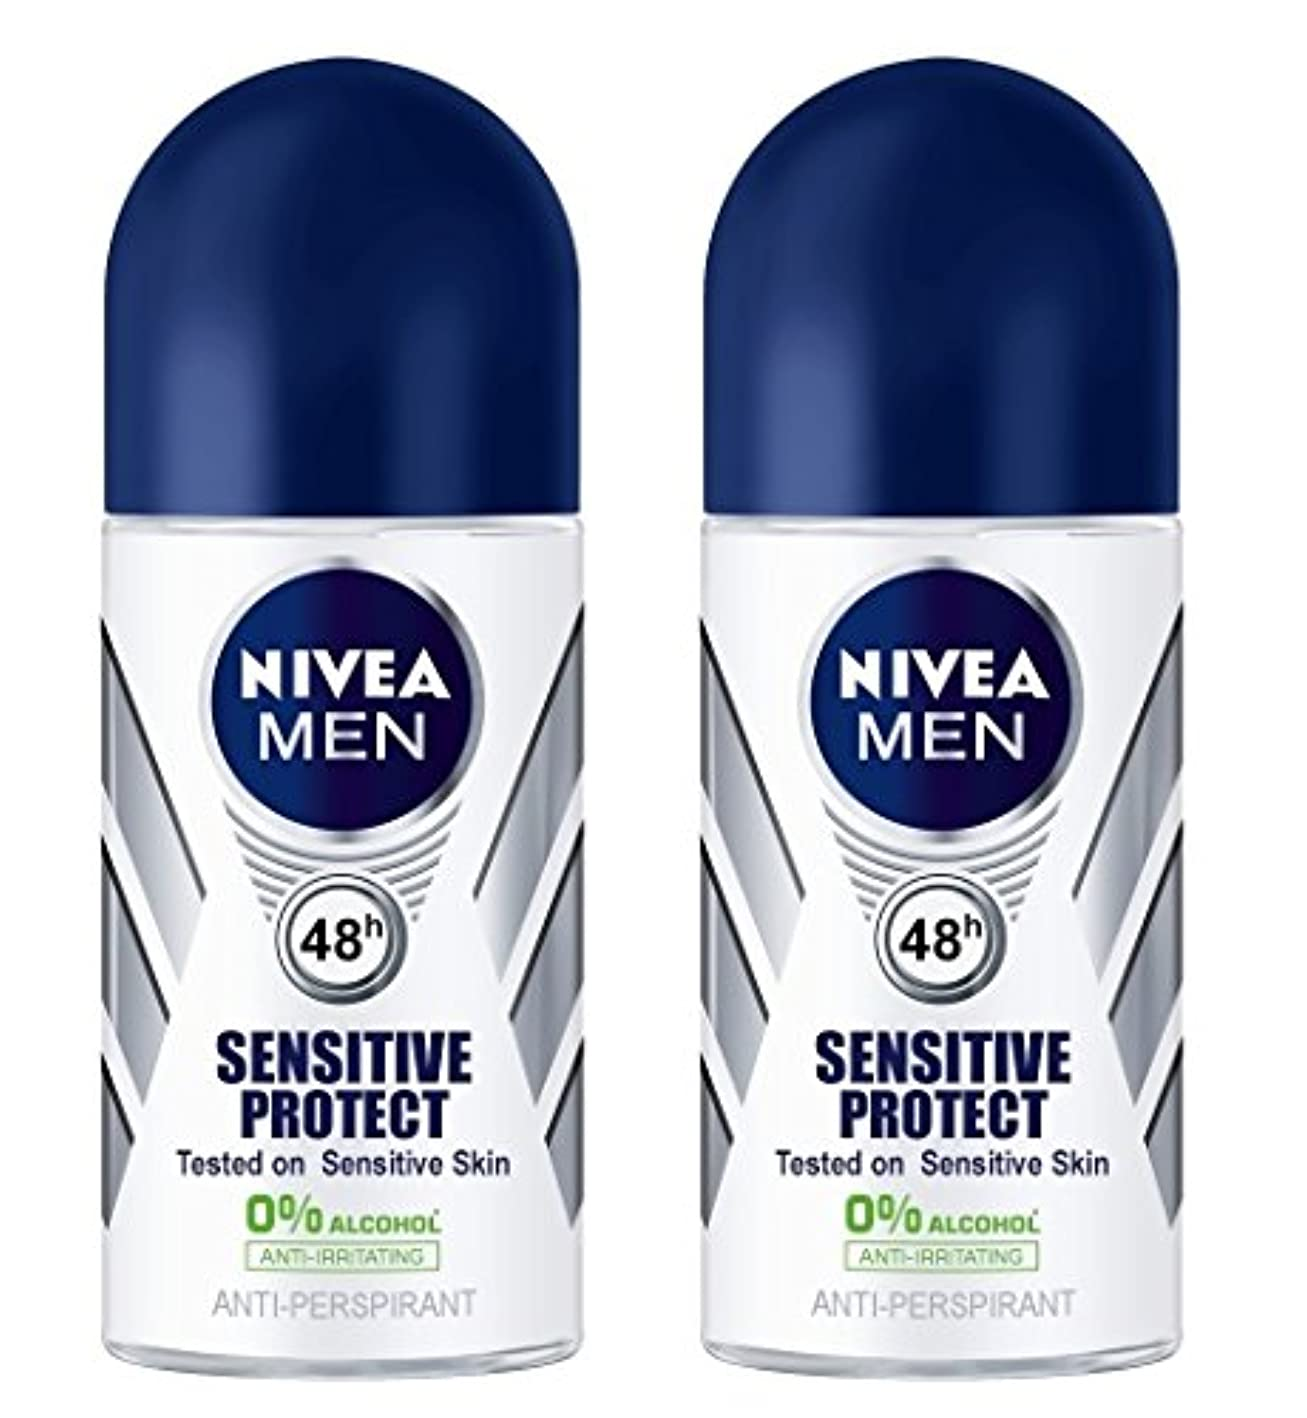 租界放映苦悩(Pack of 2) Nivea Sensitive Protect Anti-perspirant Deodorant Roll On for Men 50ml - (2パック) ニベア敏感な保護する制汗剤デオドラントロールオン...